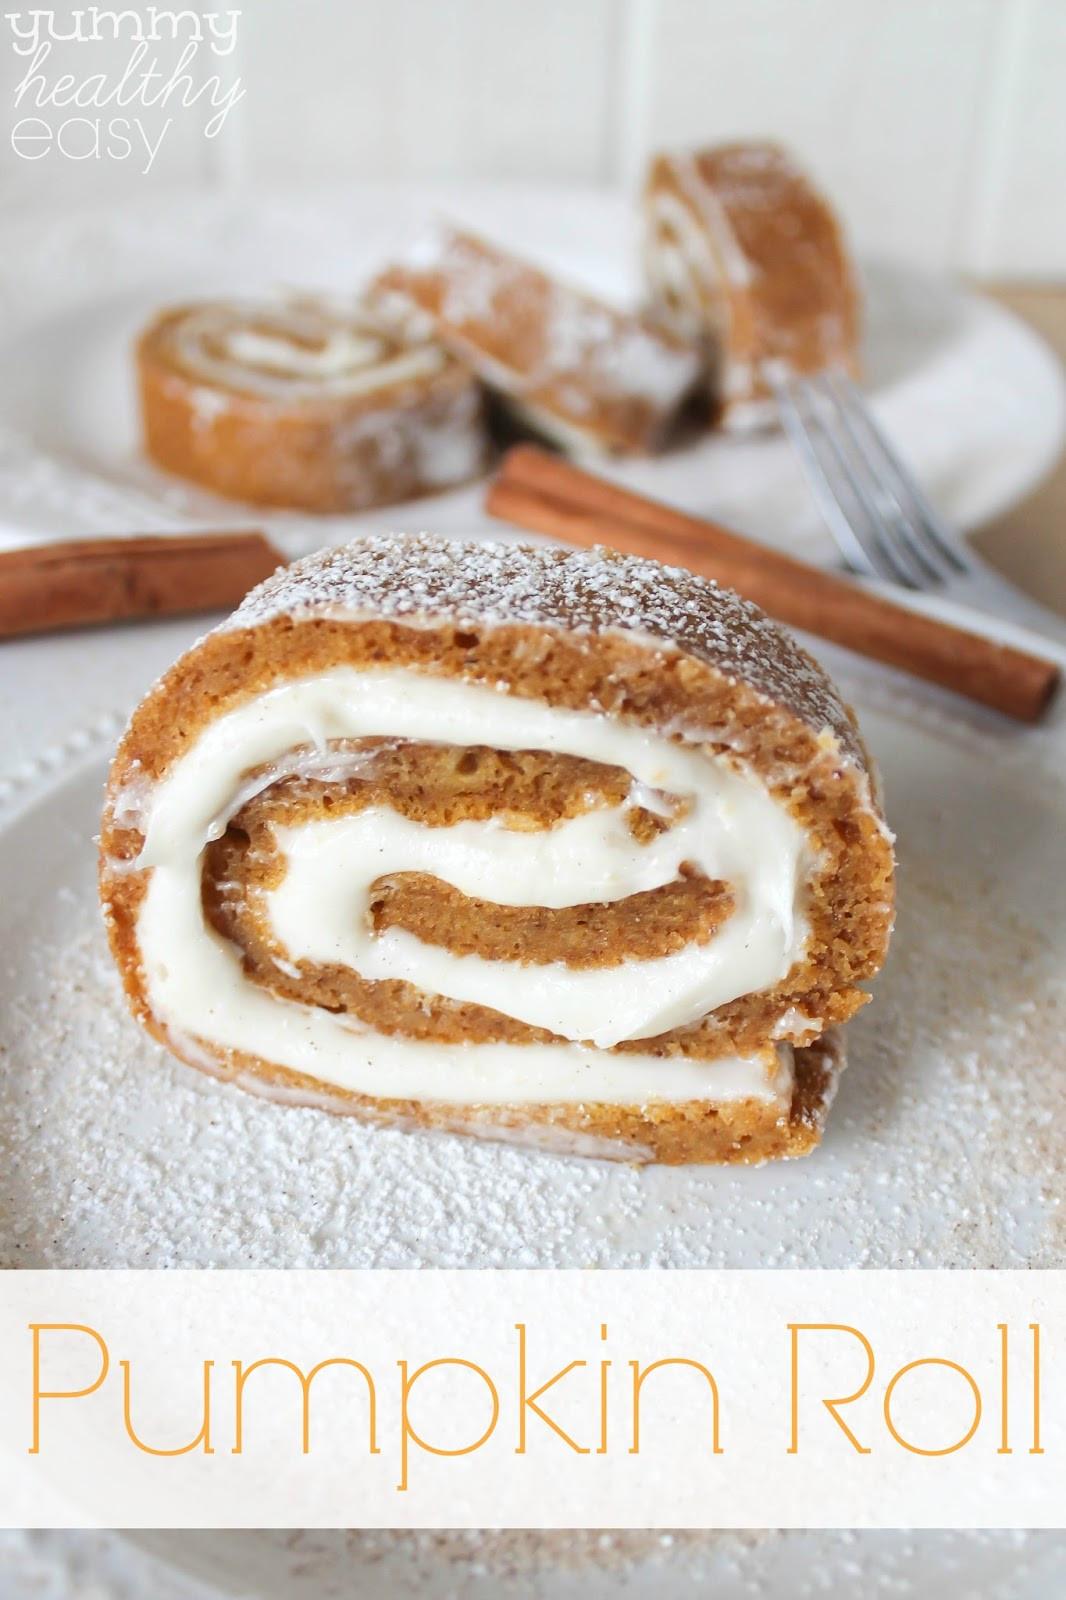 Easy Healthy Pumpkin Desserts  Easy Pumpkin Roll Dessert Yummy Healthy Easy